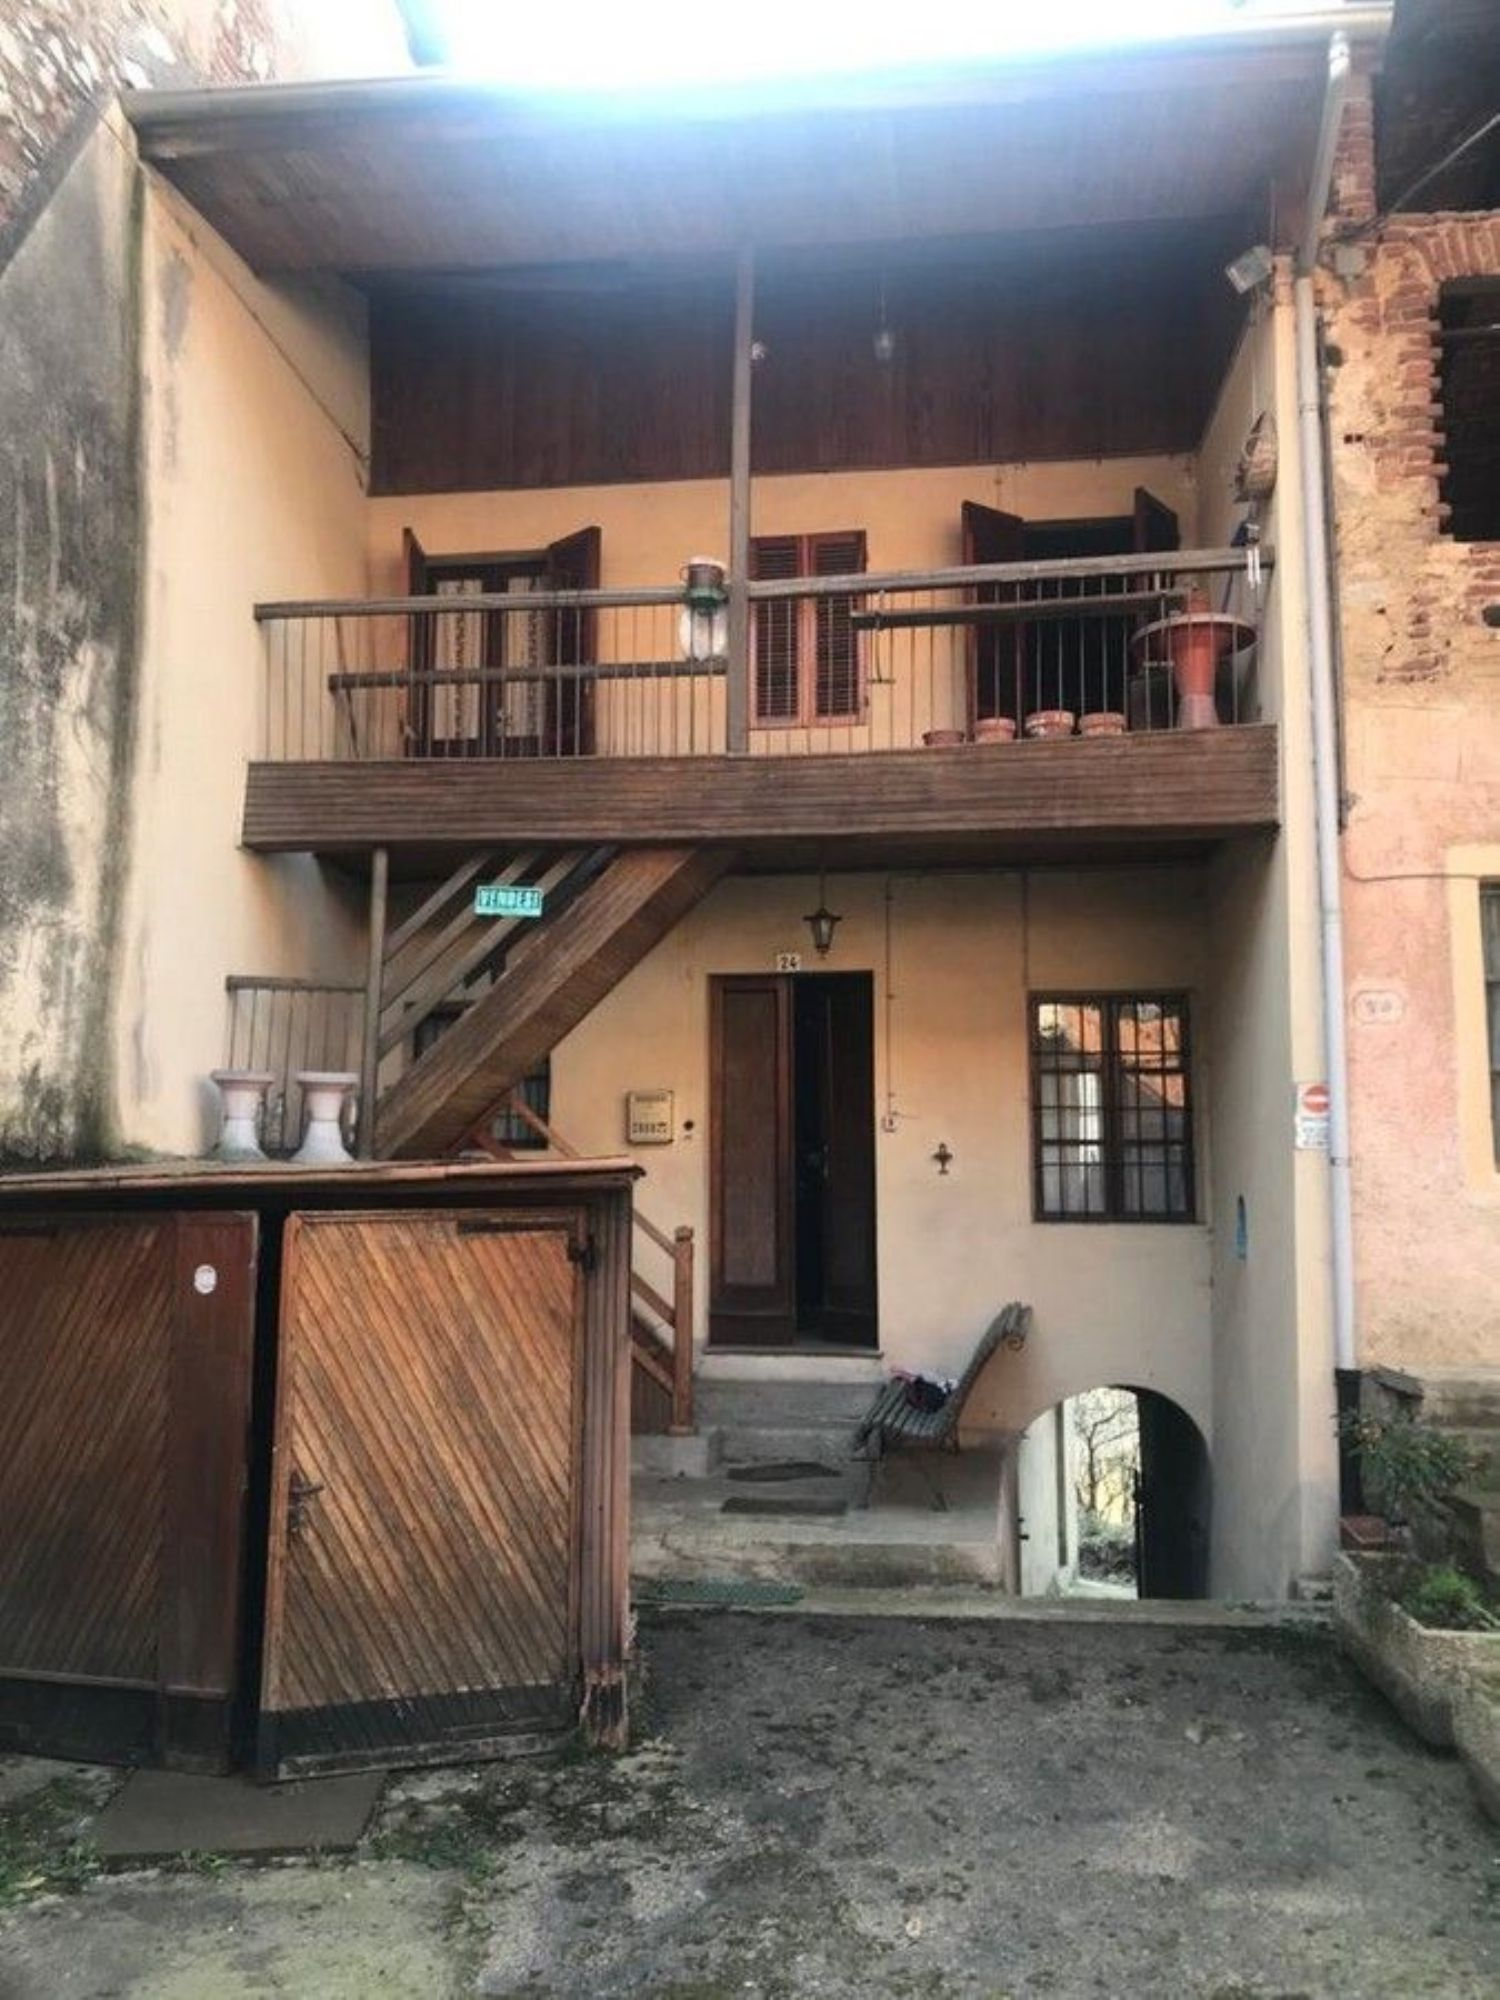 Villetta a schiera in vendita in frazione Mino s.n.c., Mezzana Mortigliengo